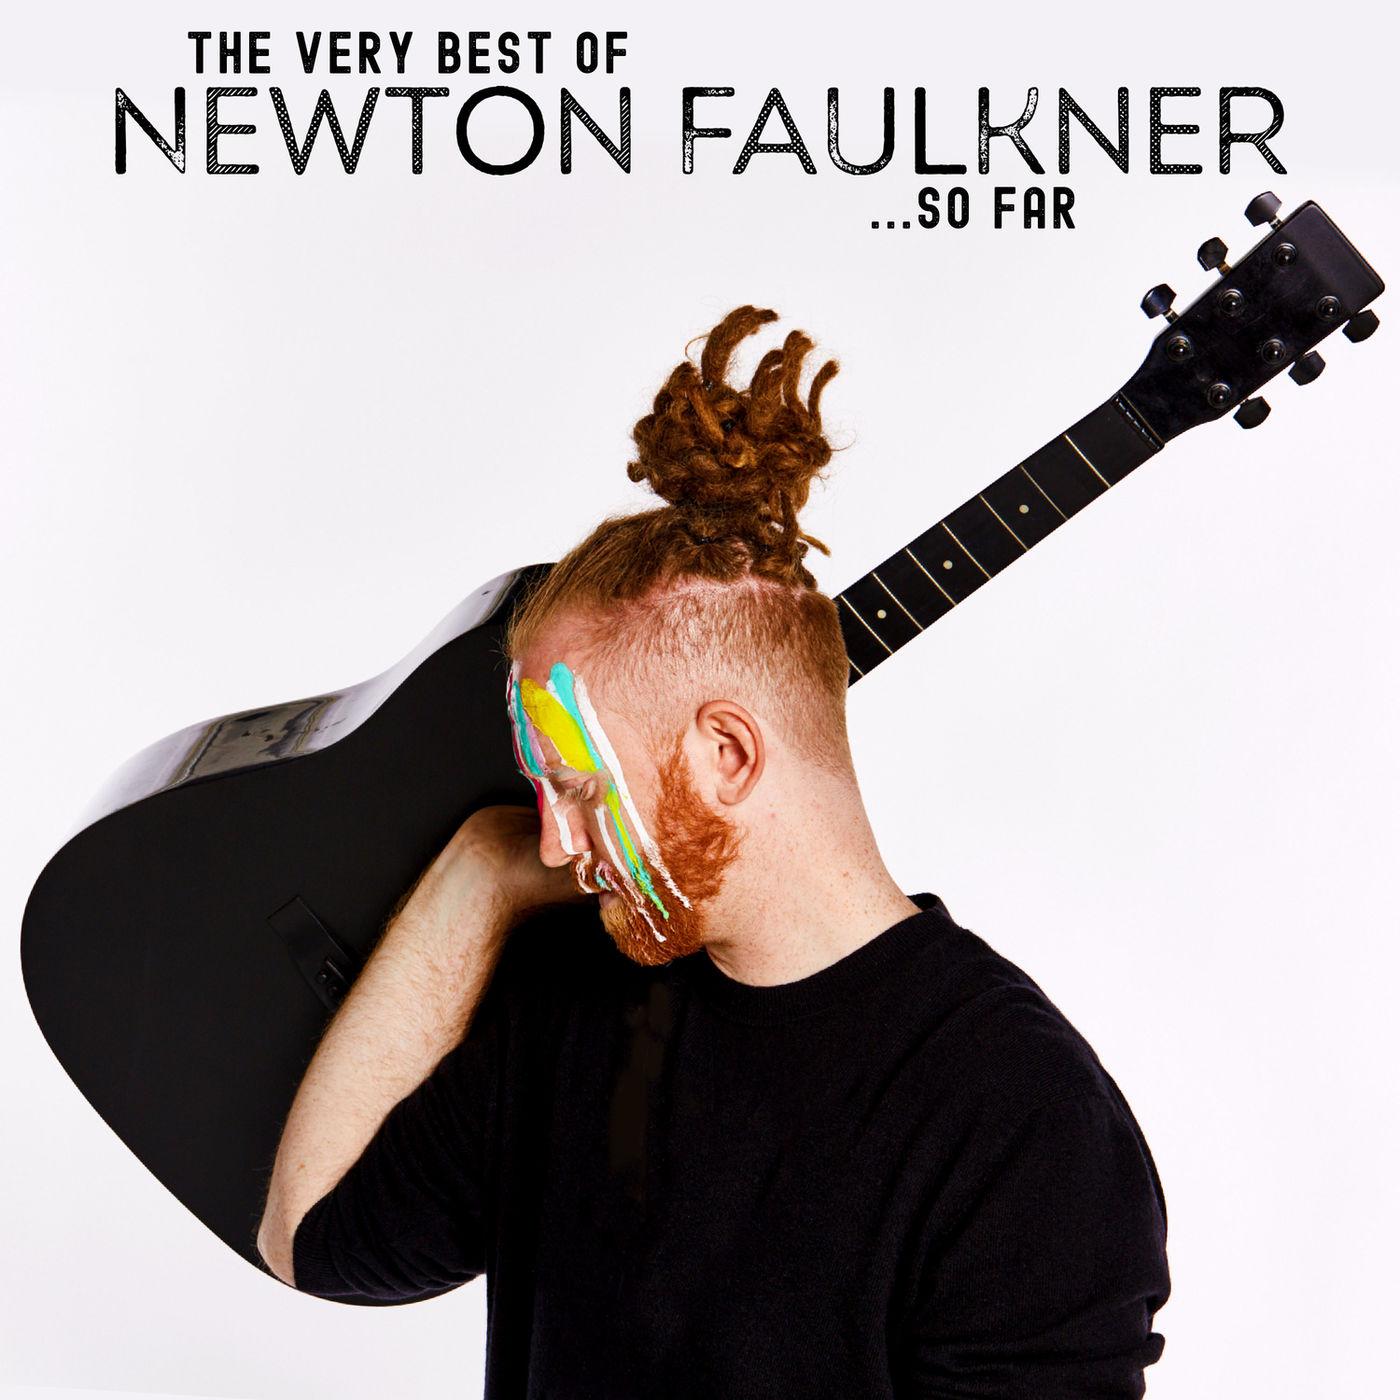 Newton Faulkner - The Very Best of Newton Faulkner... So Far (2019)